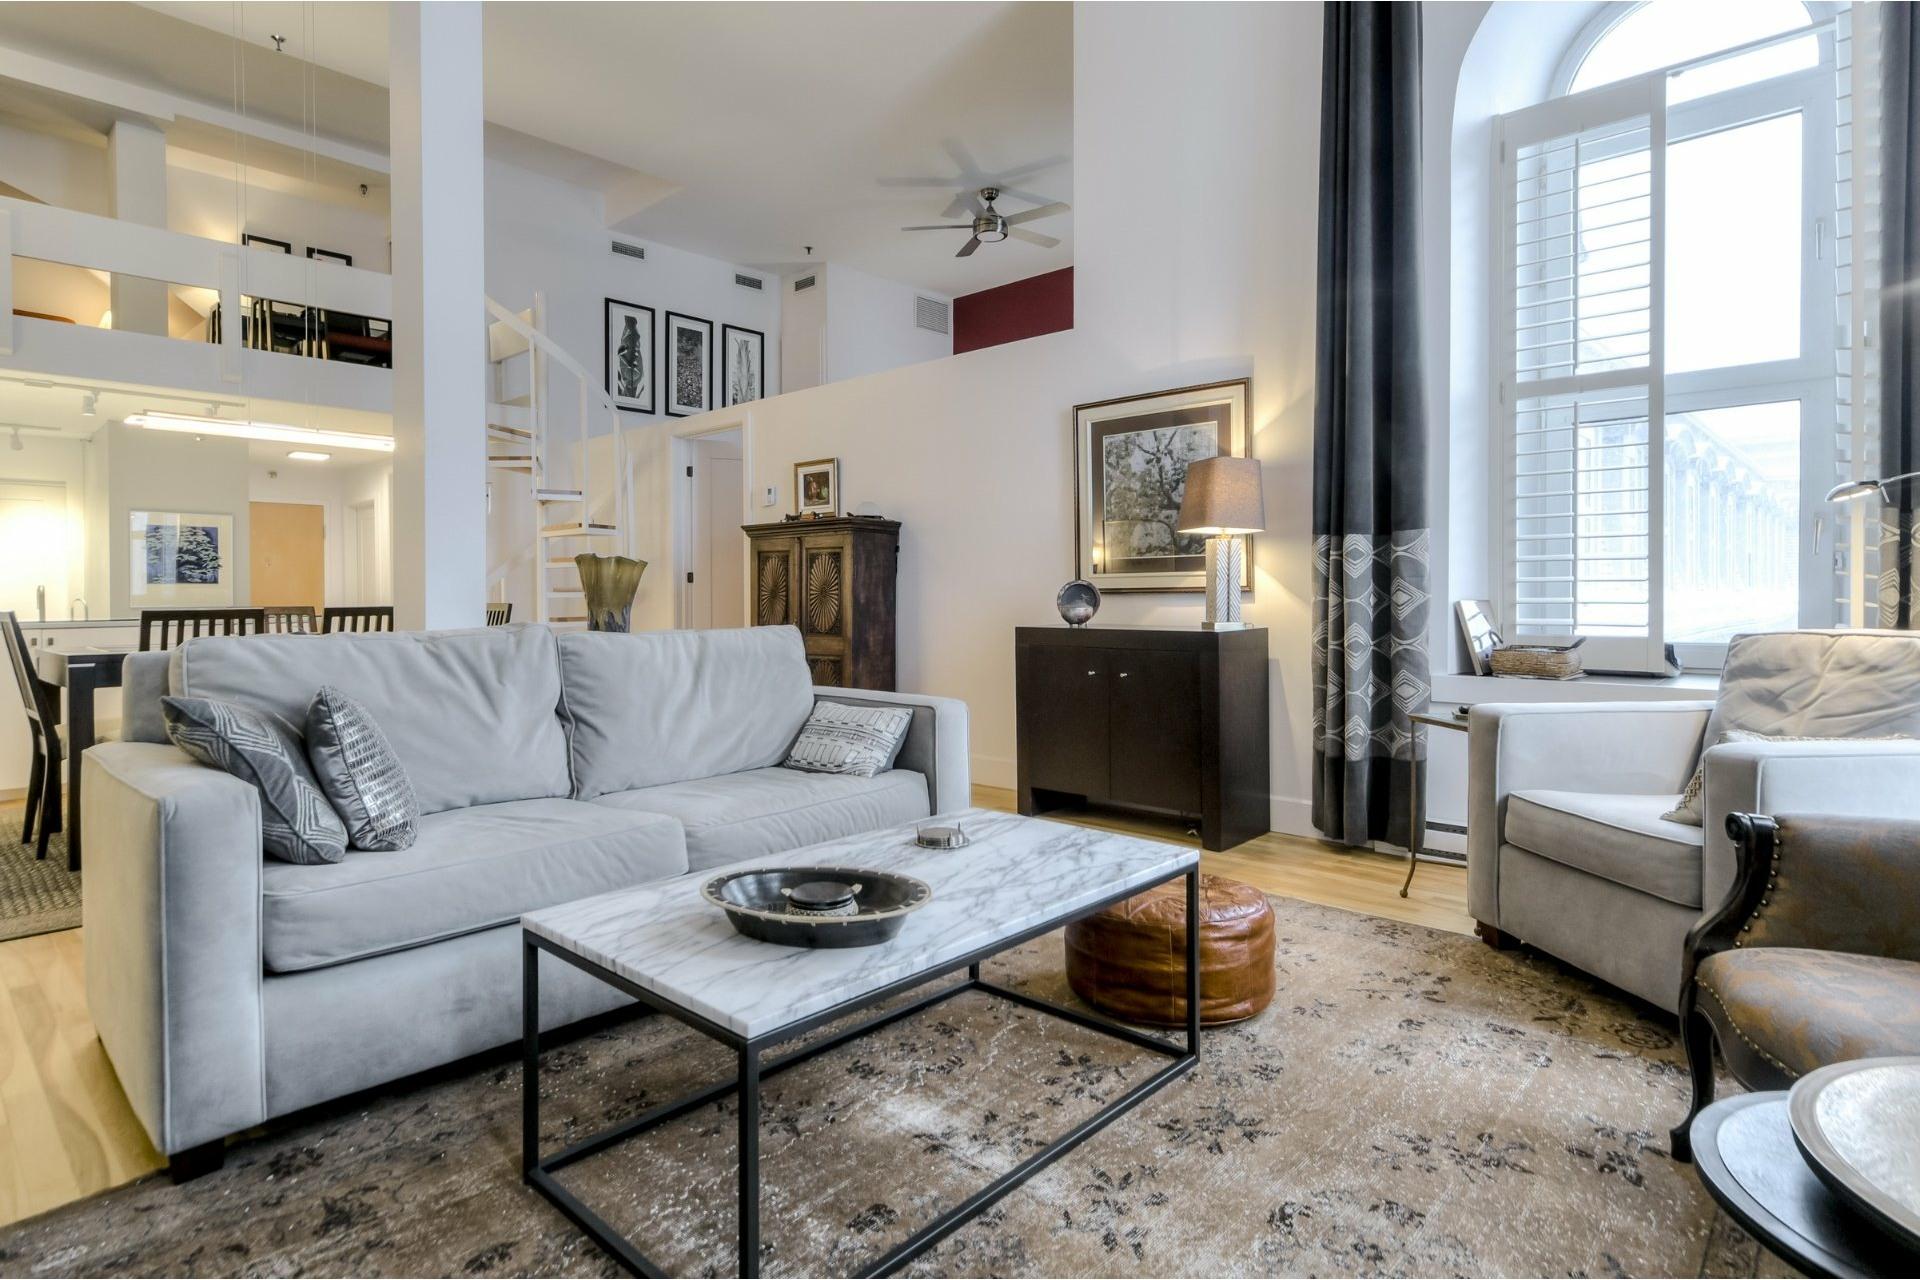 image 2 - Appartement À vendre Ville-Marie Montréal  - 5 pièces